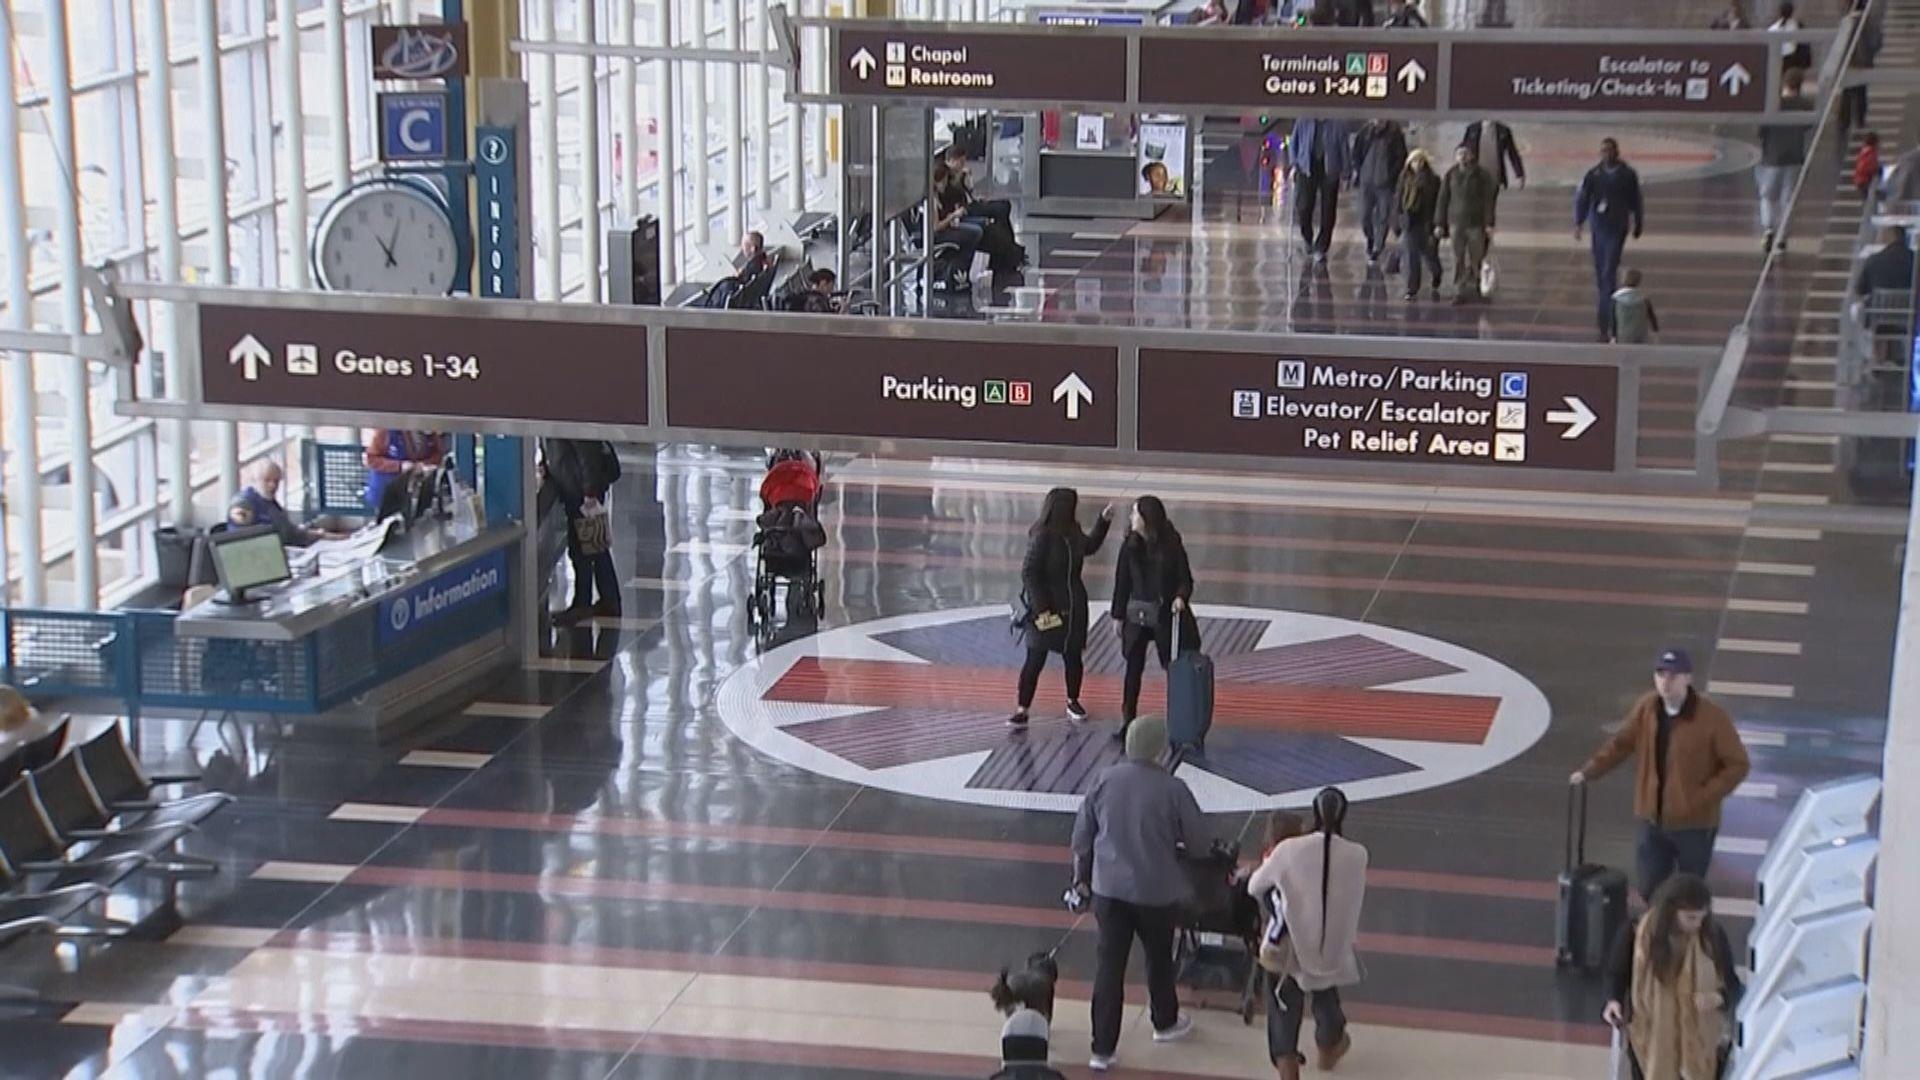 美國國務院取消全球旅遊警告